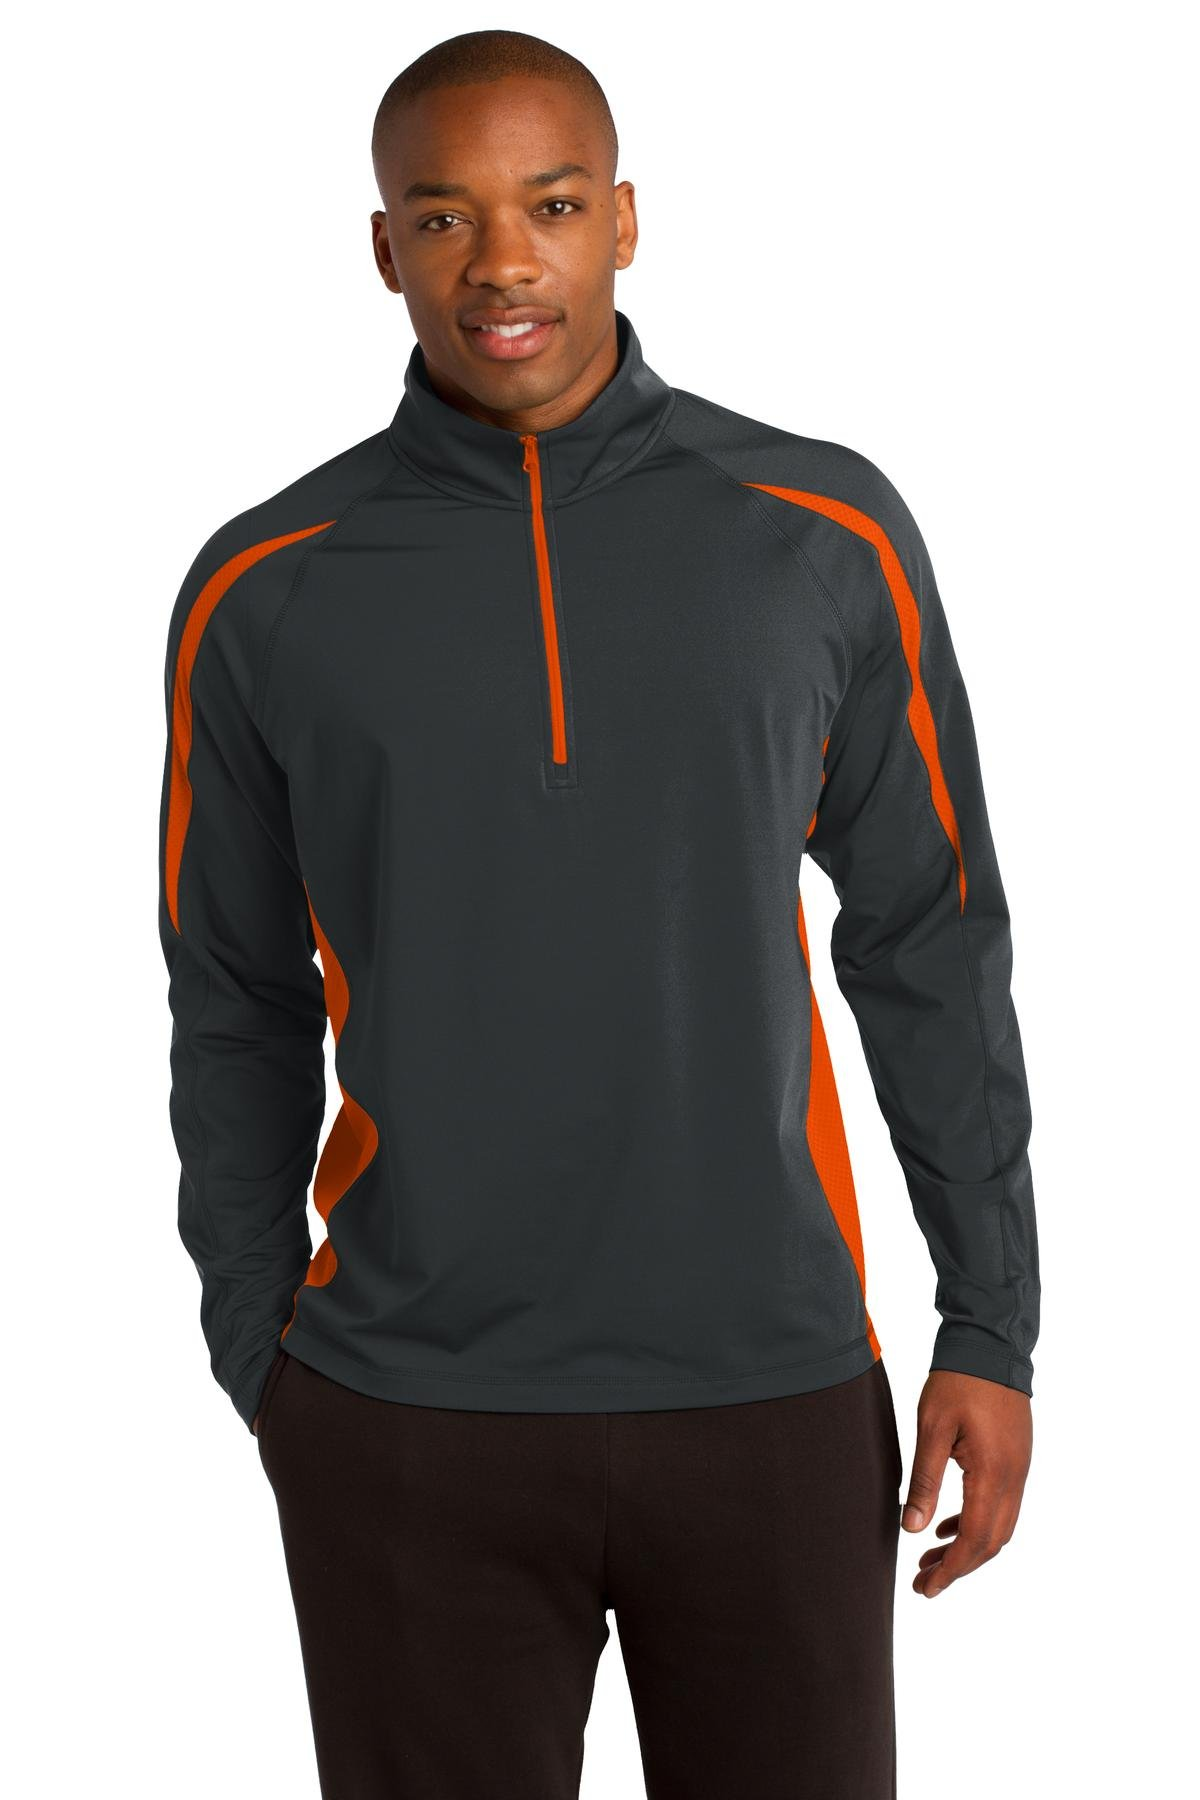 Sport-Tek Men's Sport Wick Stretch 1/2 Zip L Charcoal Grey/Deep Orange by Sport-Tek